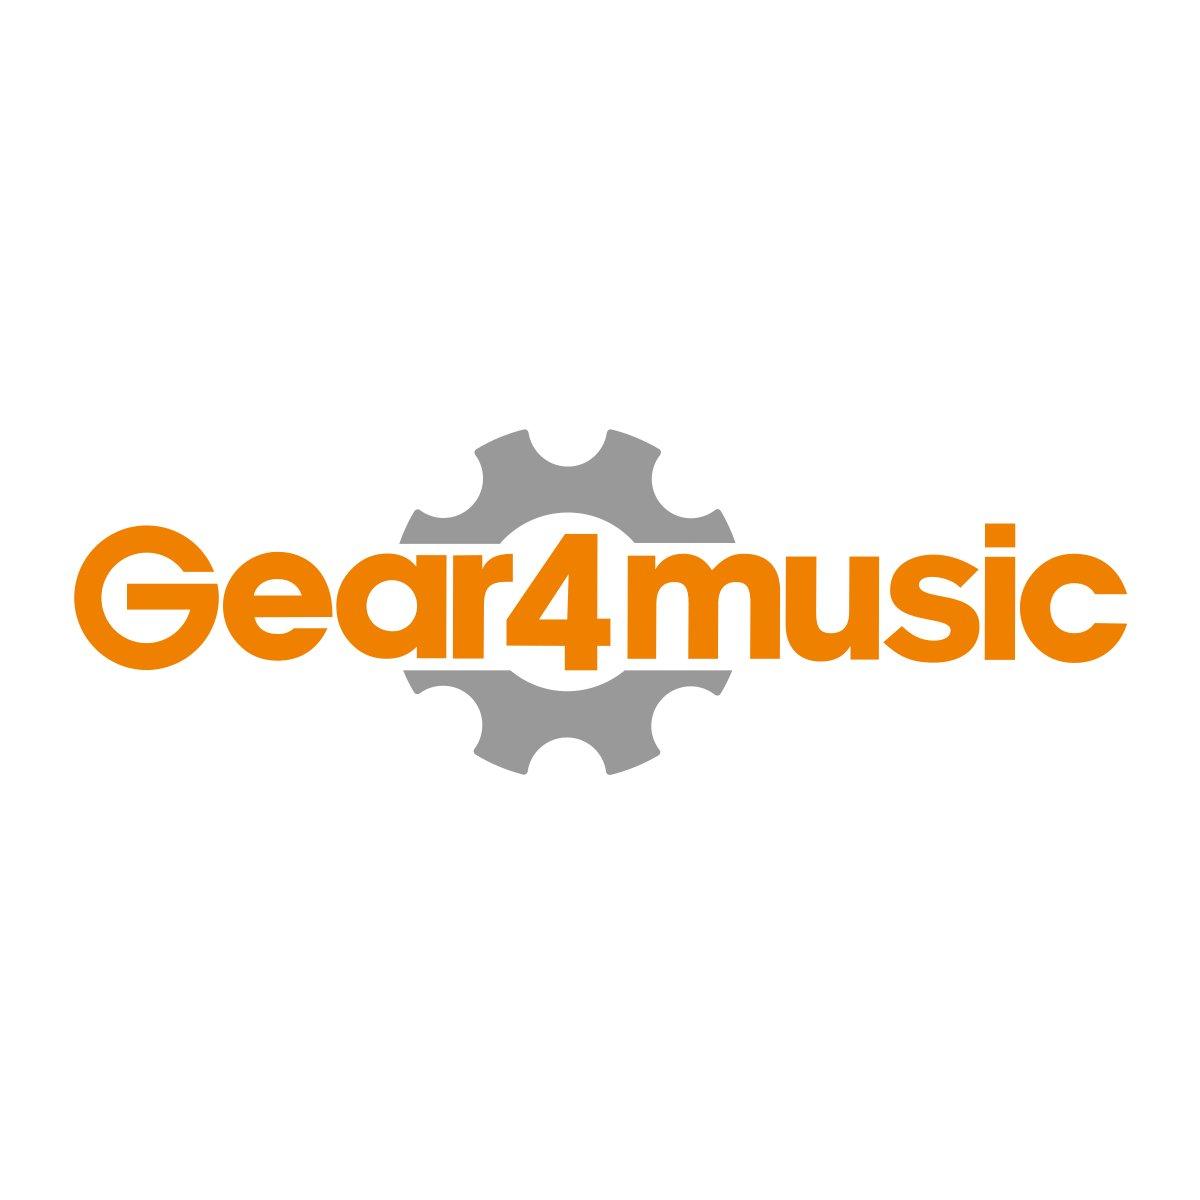 Deluxe fløjte fra Gear4music tilbehør pakke